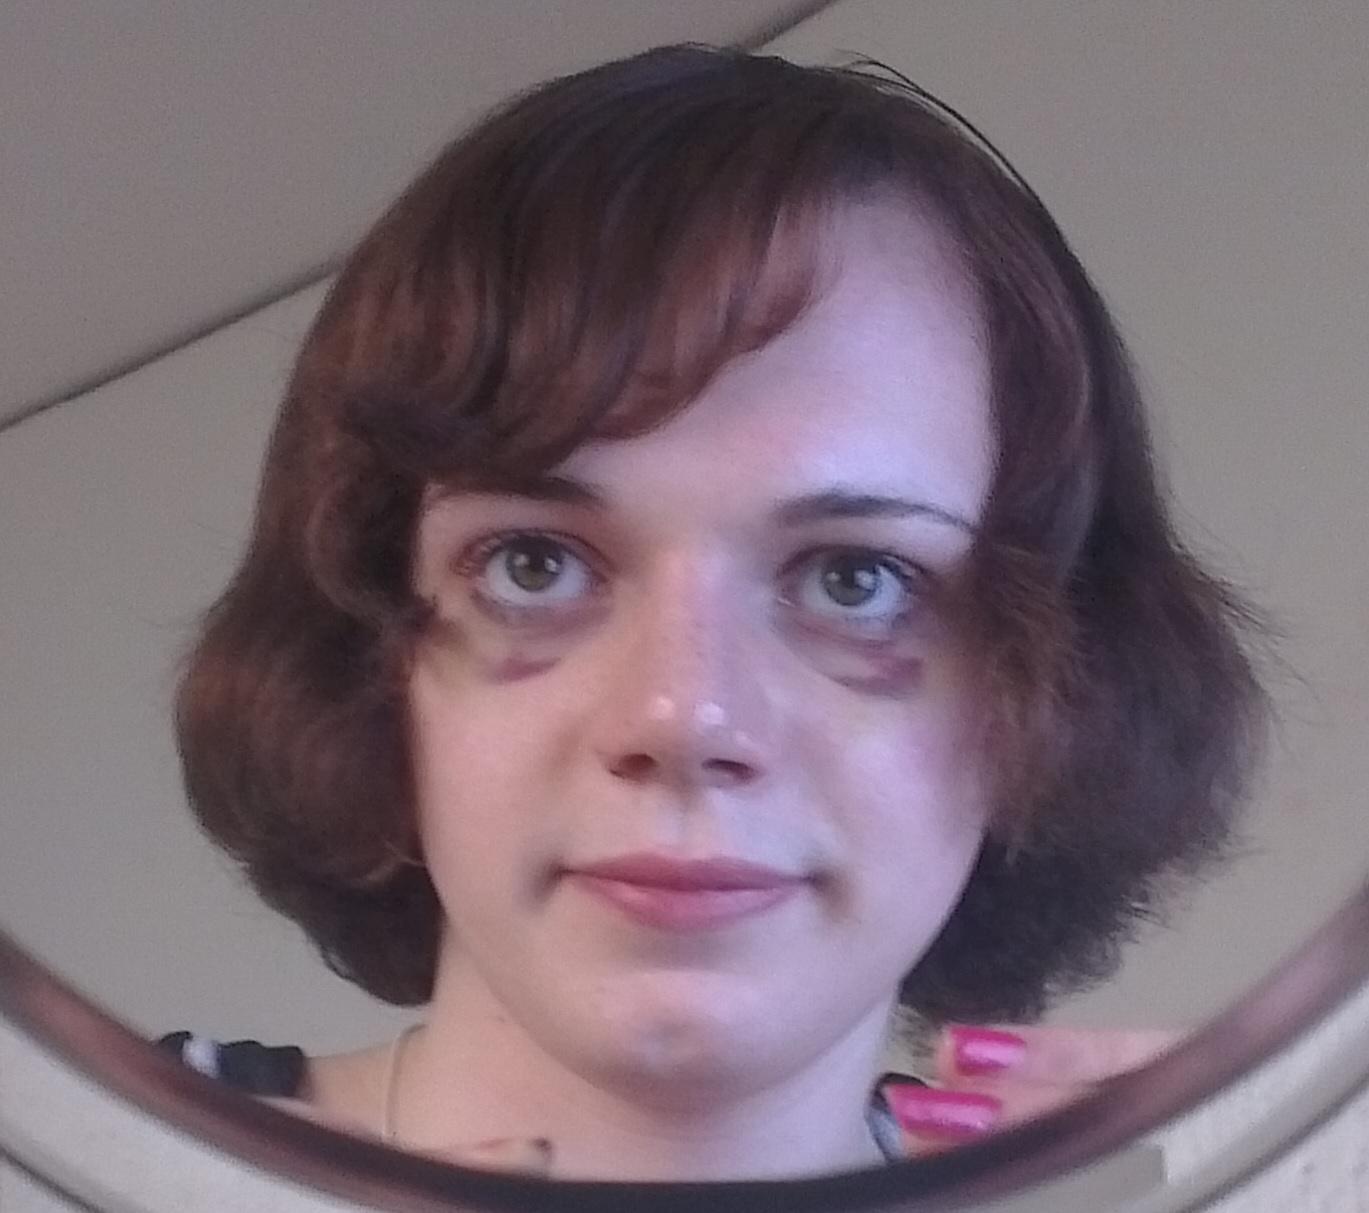 Haarausfall: Wie der Kopf gar nicht erst kahl wird - WELT